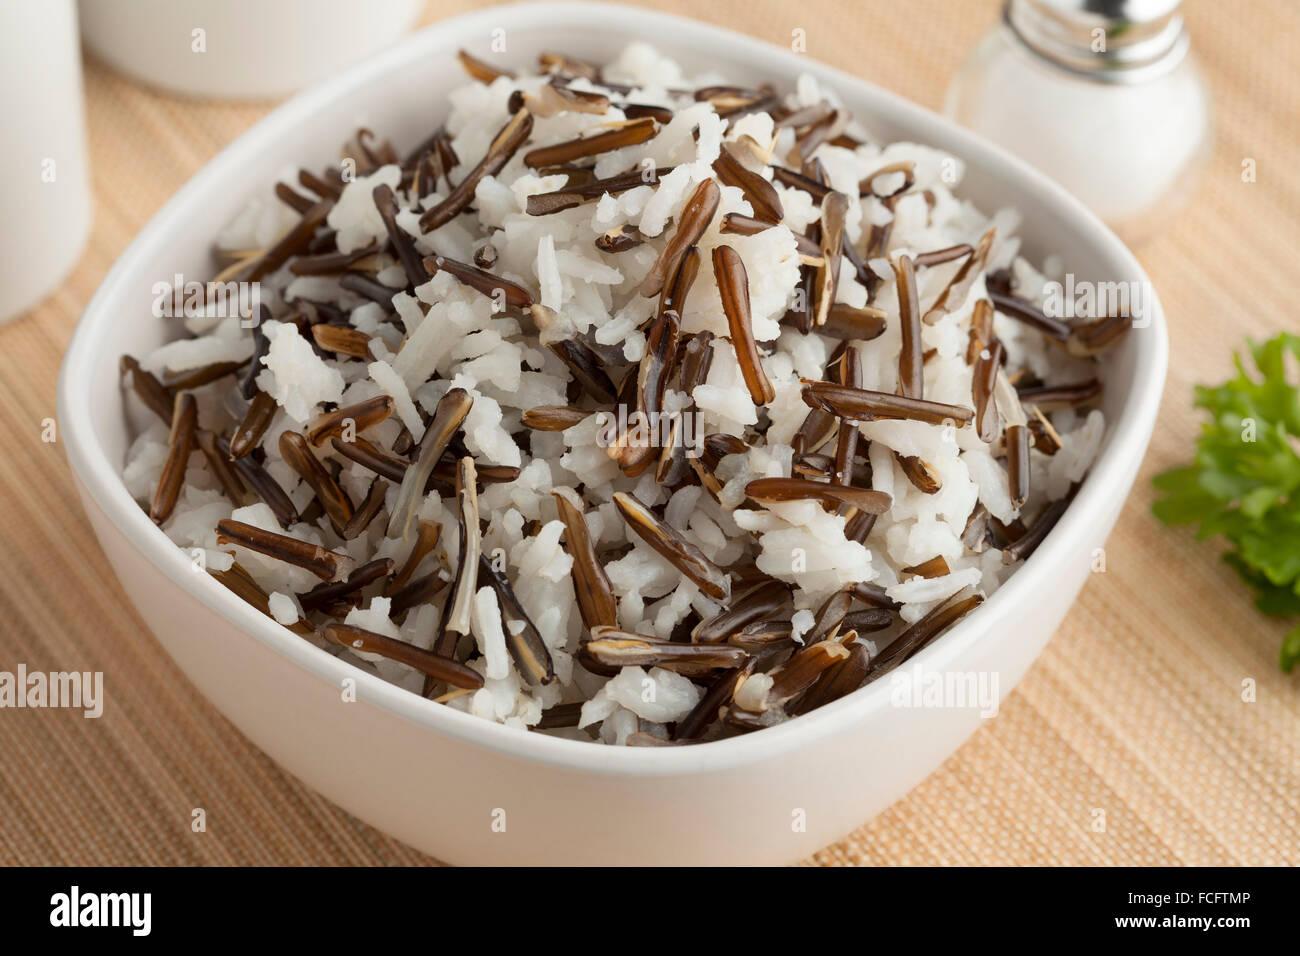 Ciotola con un mix di riso Basmati e riso indiano Immagini Stock